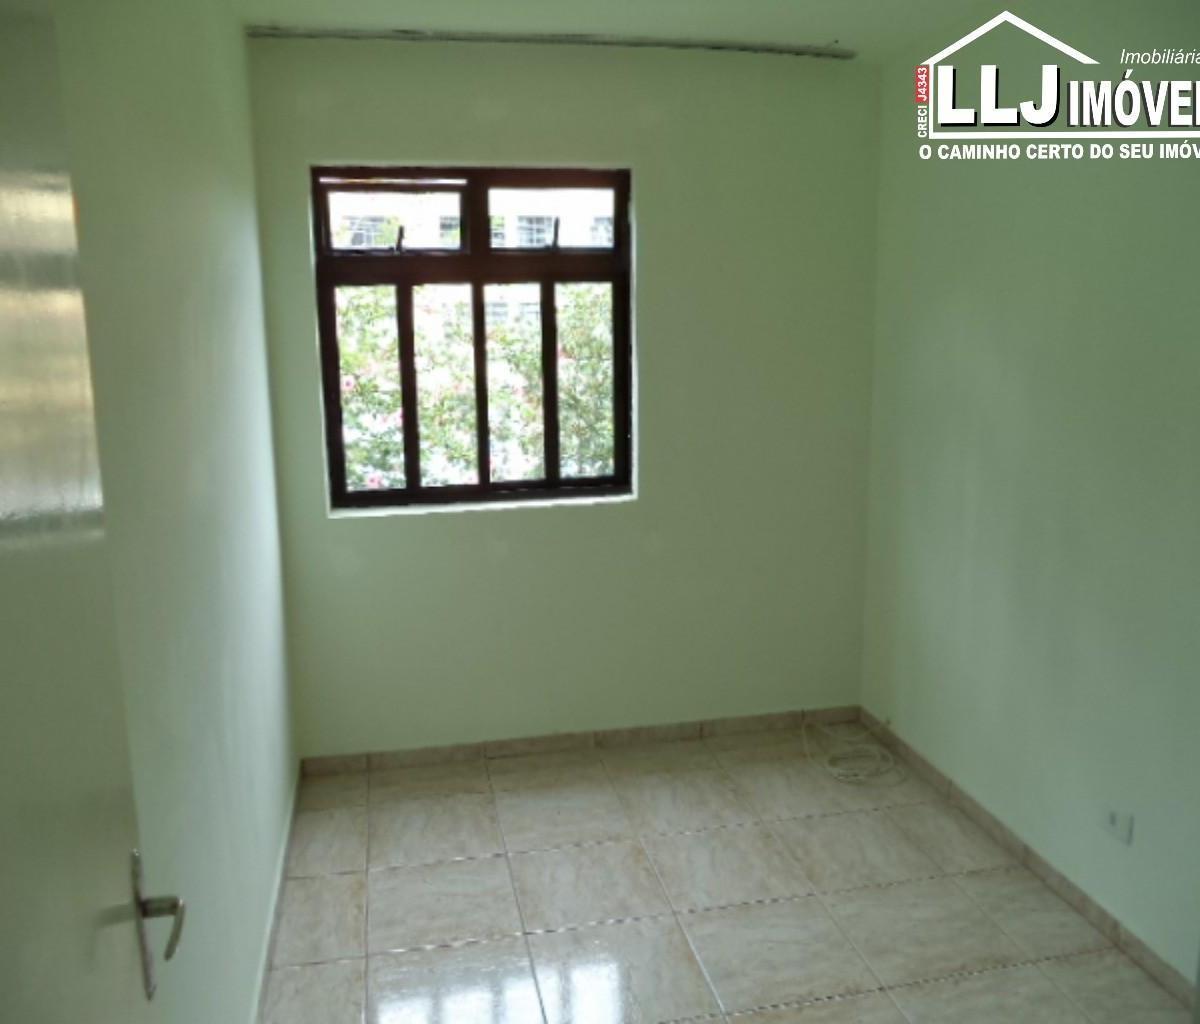 Apartamento para aluguel com 2 Quartos Santa Cândida Curitiba R$  #7E5F4D 1200x1024 Banheiro Antigo Reformado